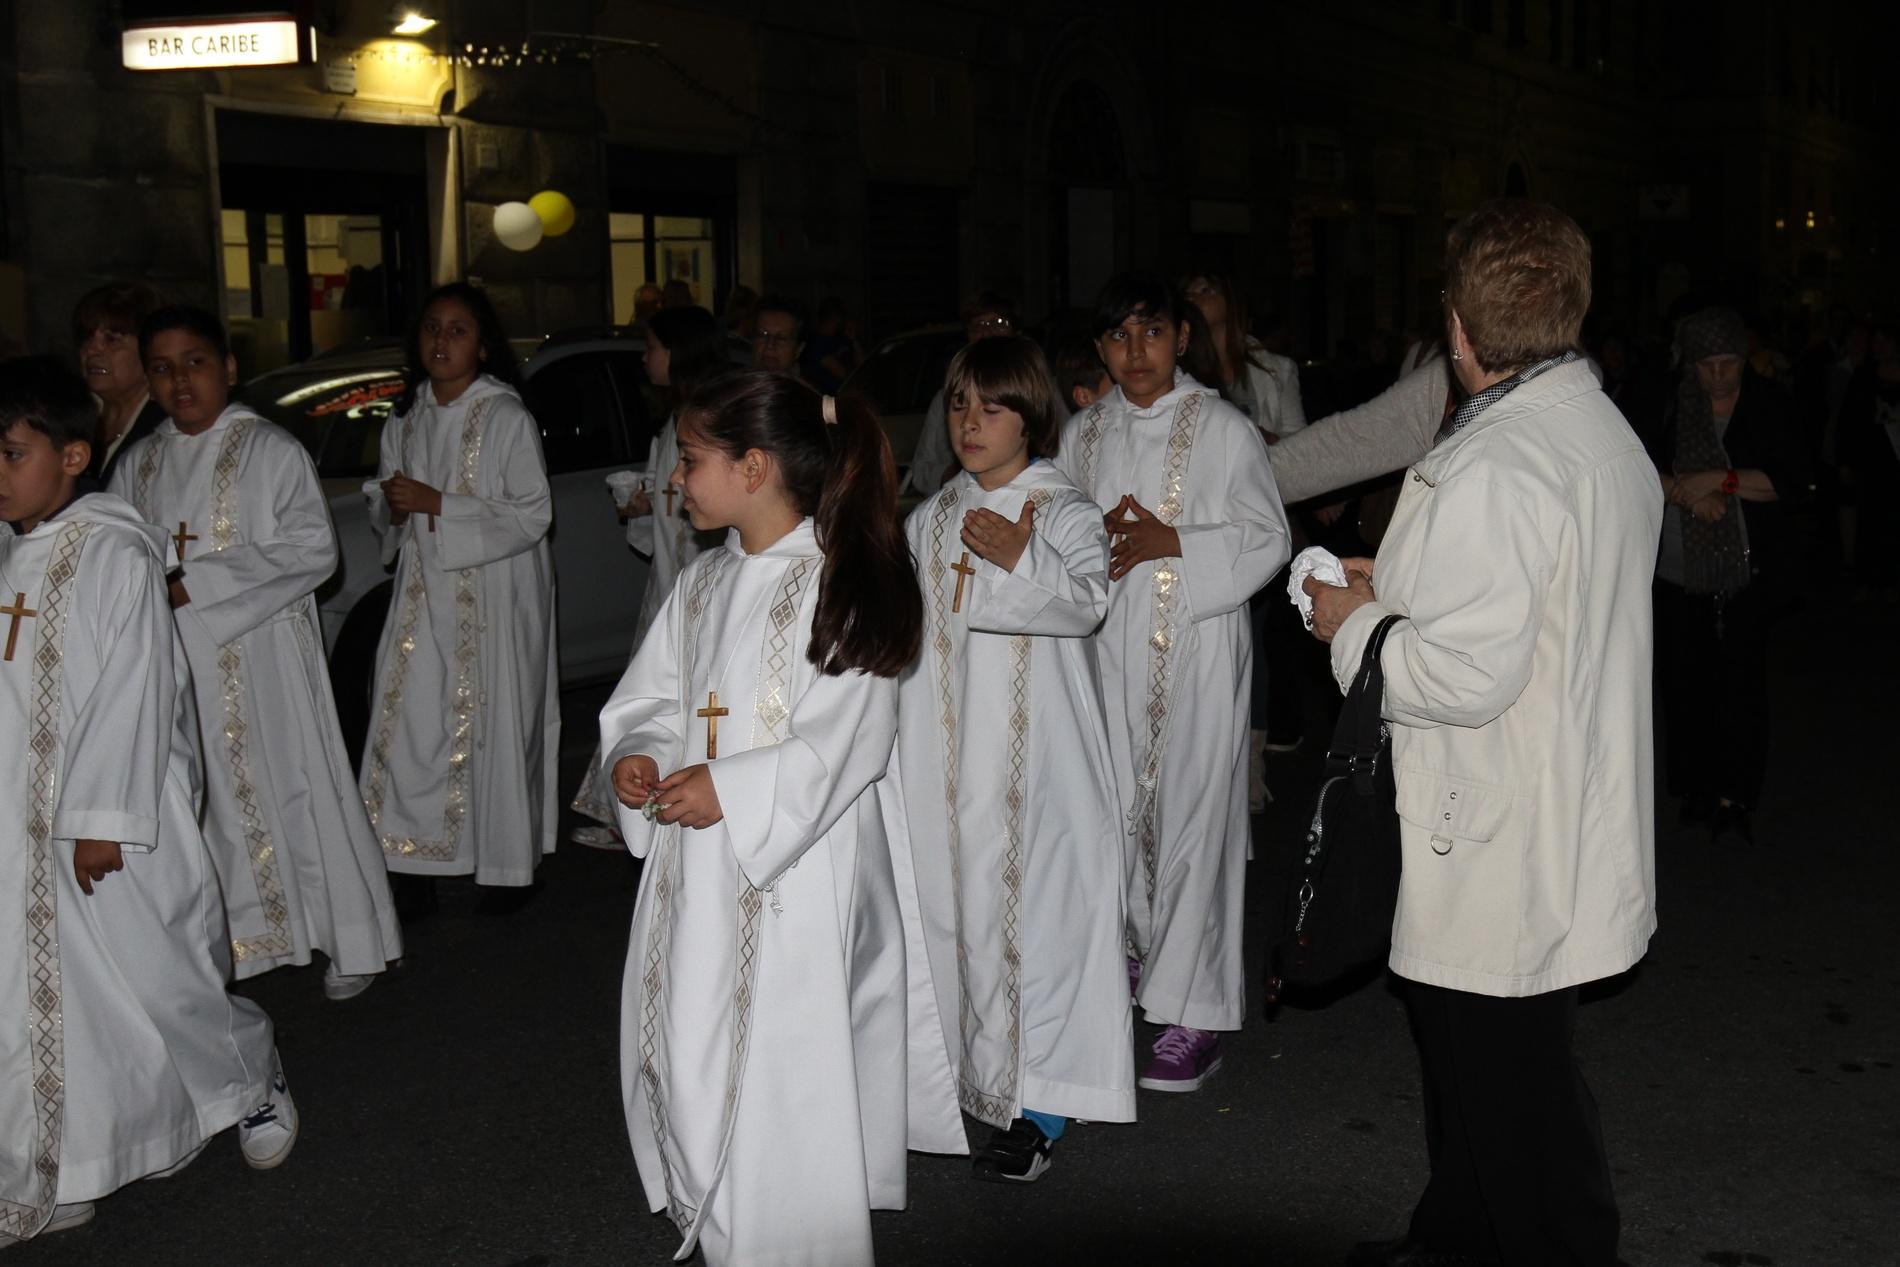 processione-madonna-2015-05-31-21-34-24